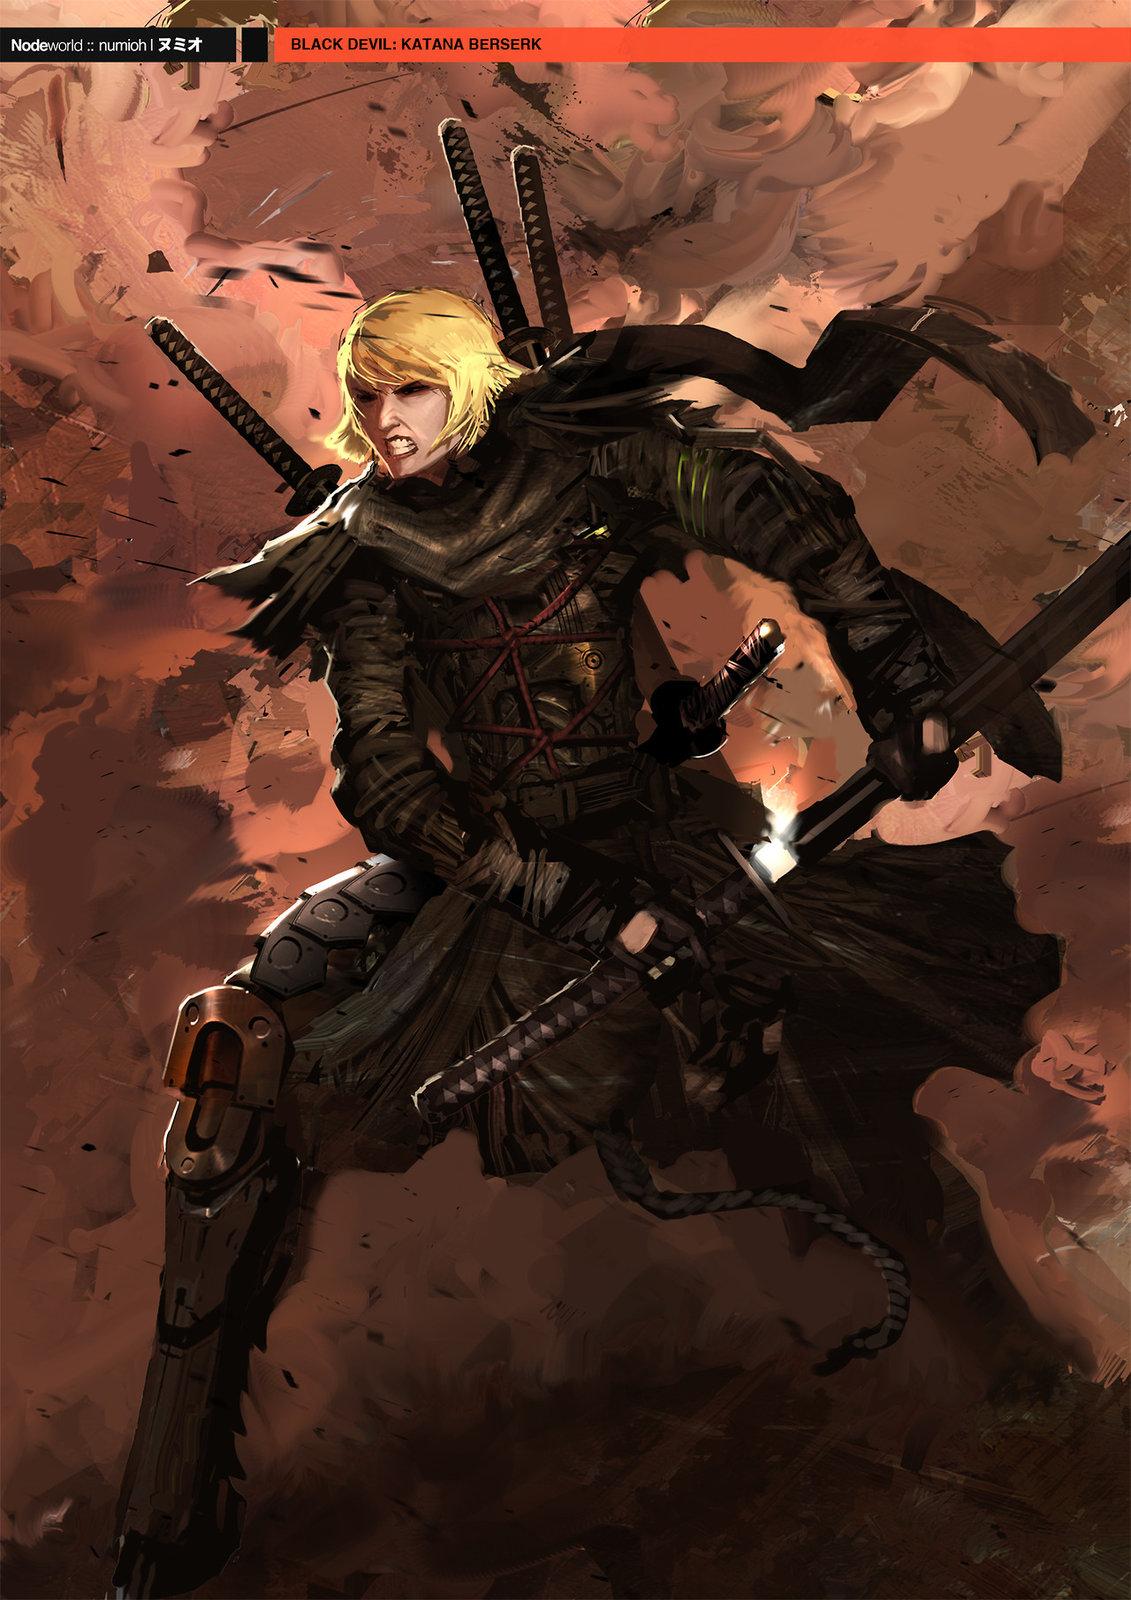 NODE WORLD : BLACK DEVIL MASK